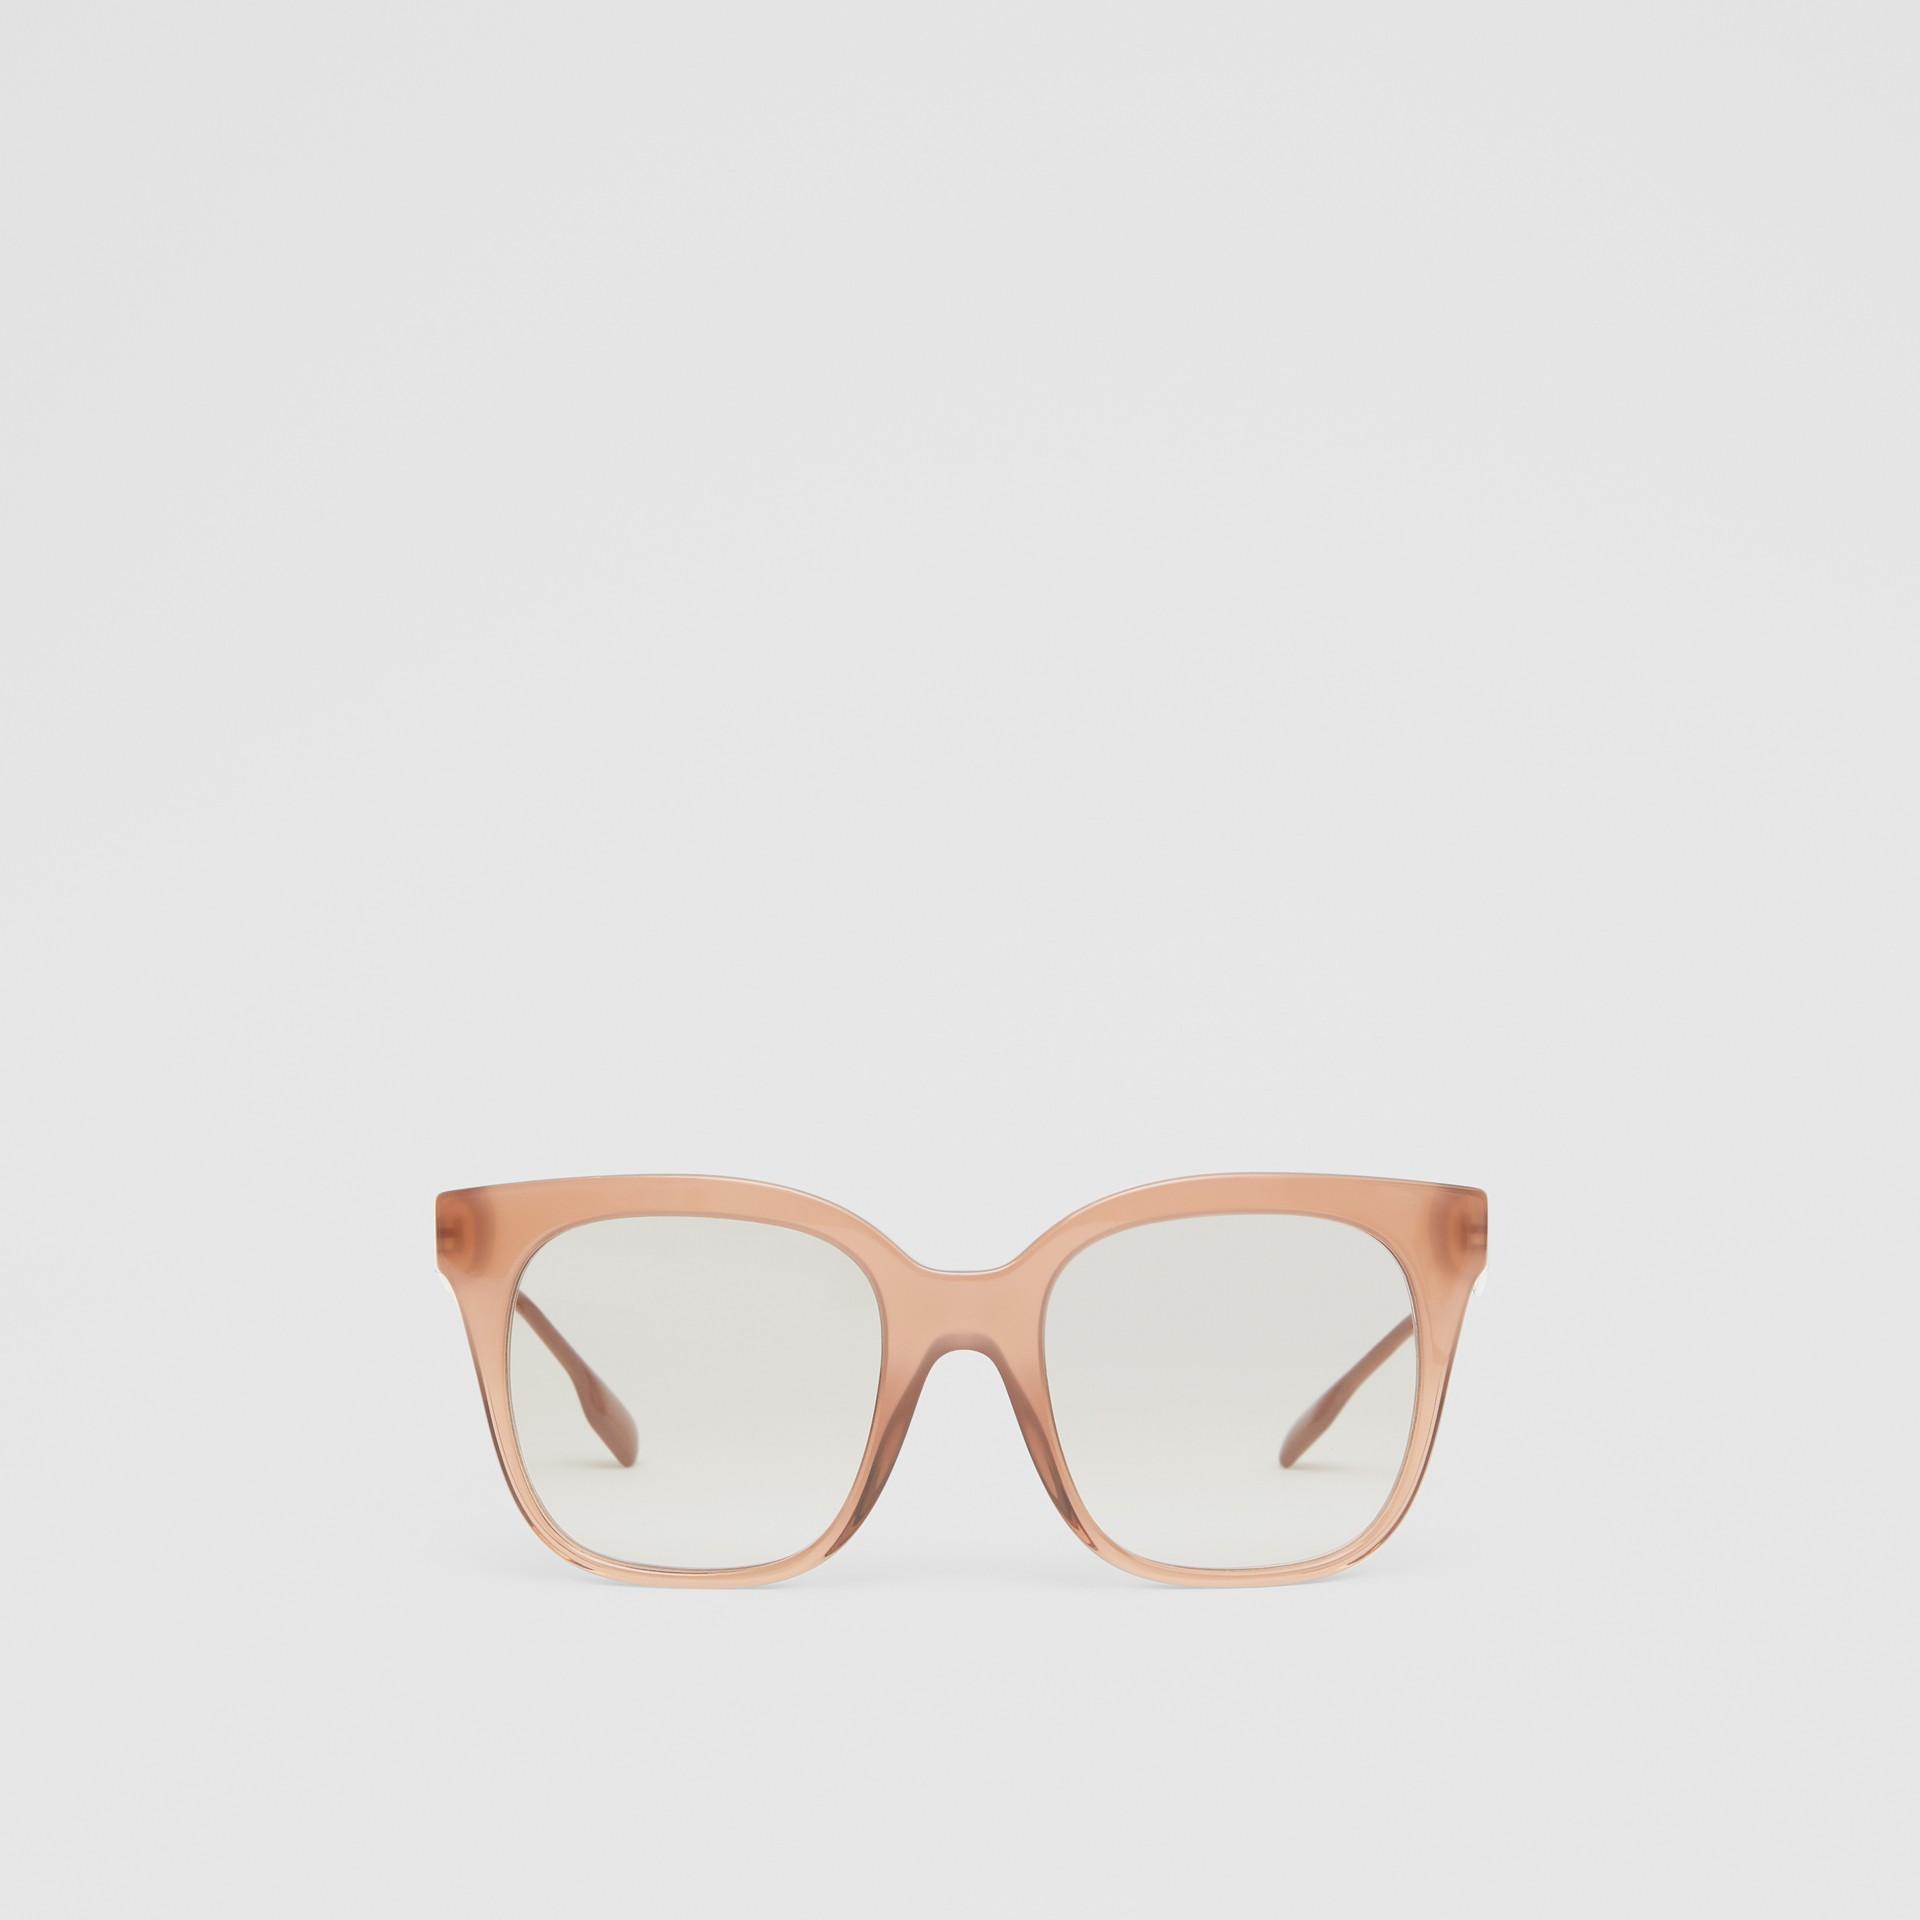 Occhiali da sole con montatura a farfalla (Rosa Nude) - Donna | Burberry - immagine della galleria 0